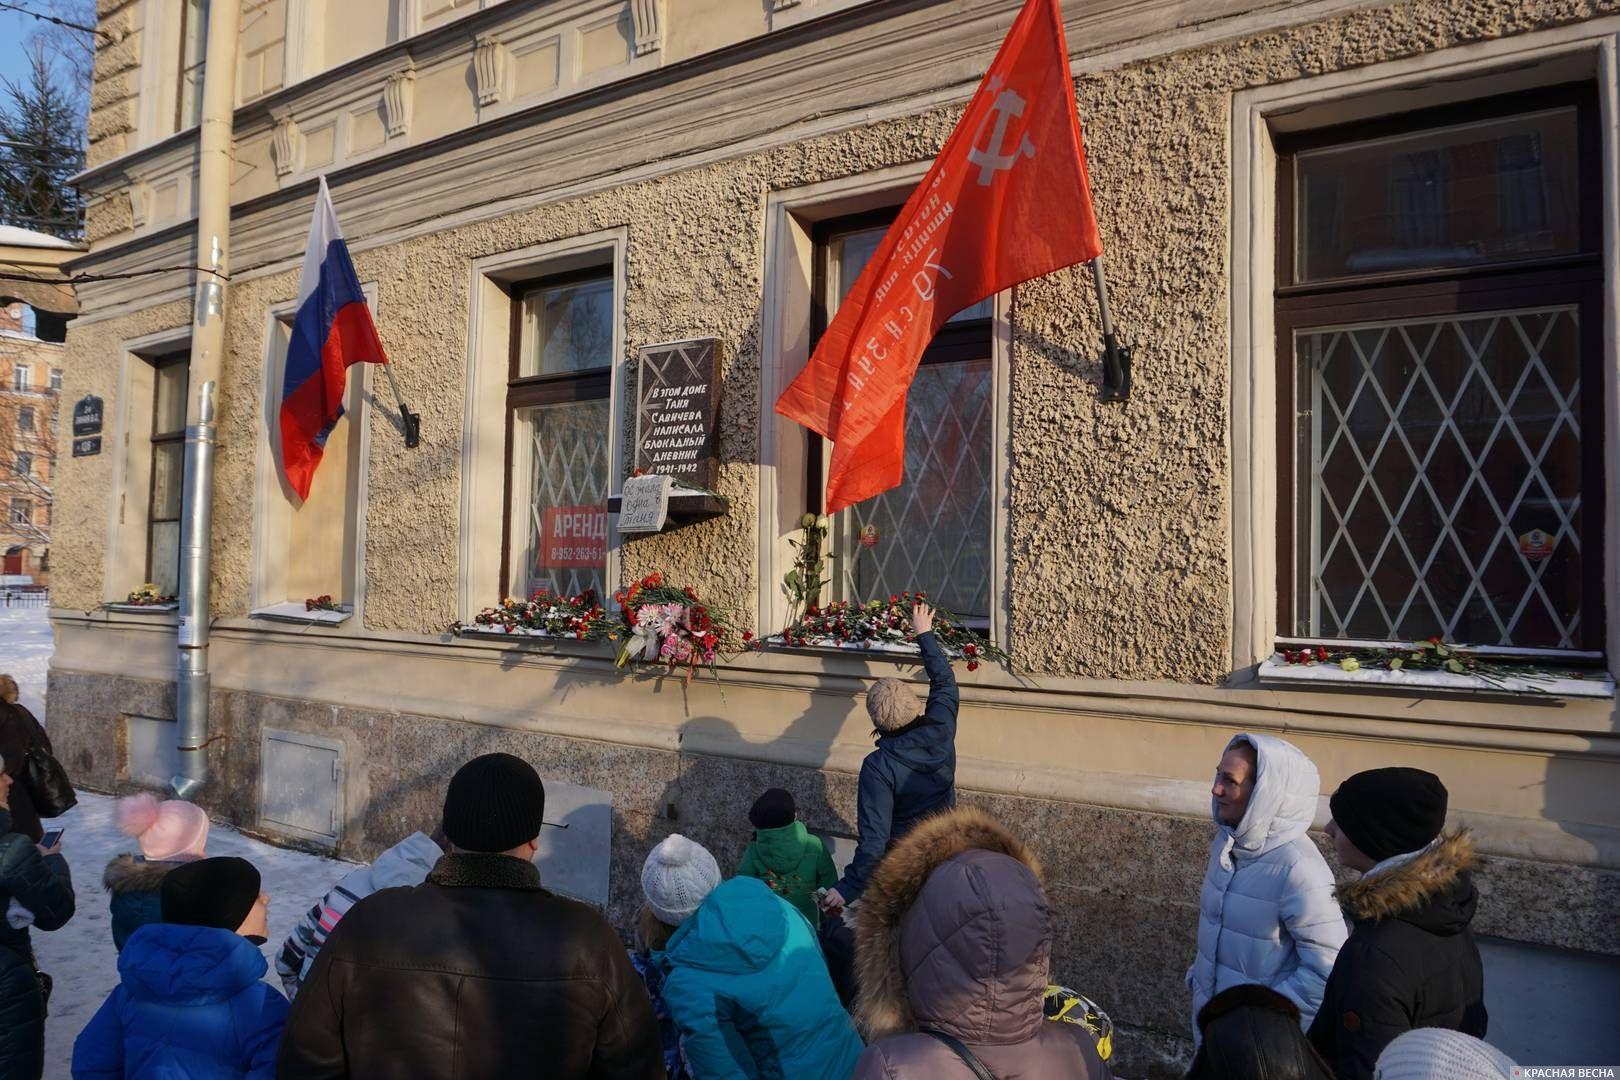 У мемориальной доски памяти Тани Савичевой. 27.01.2019